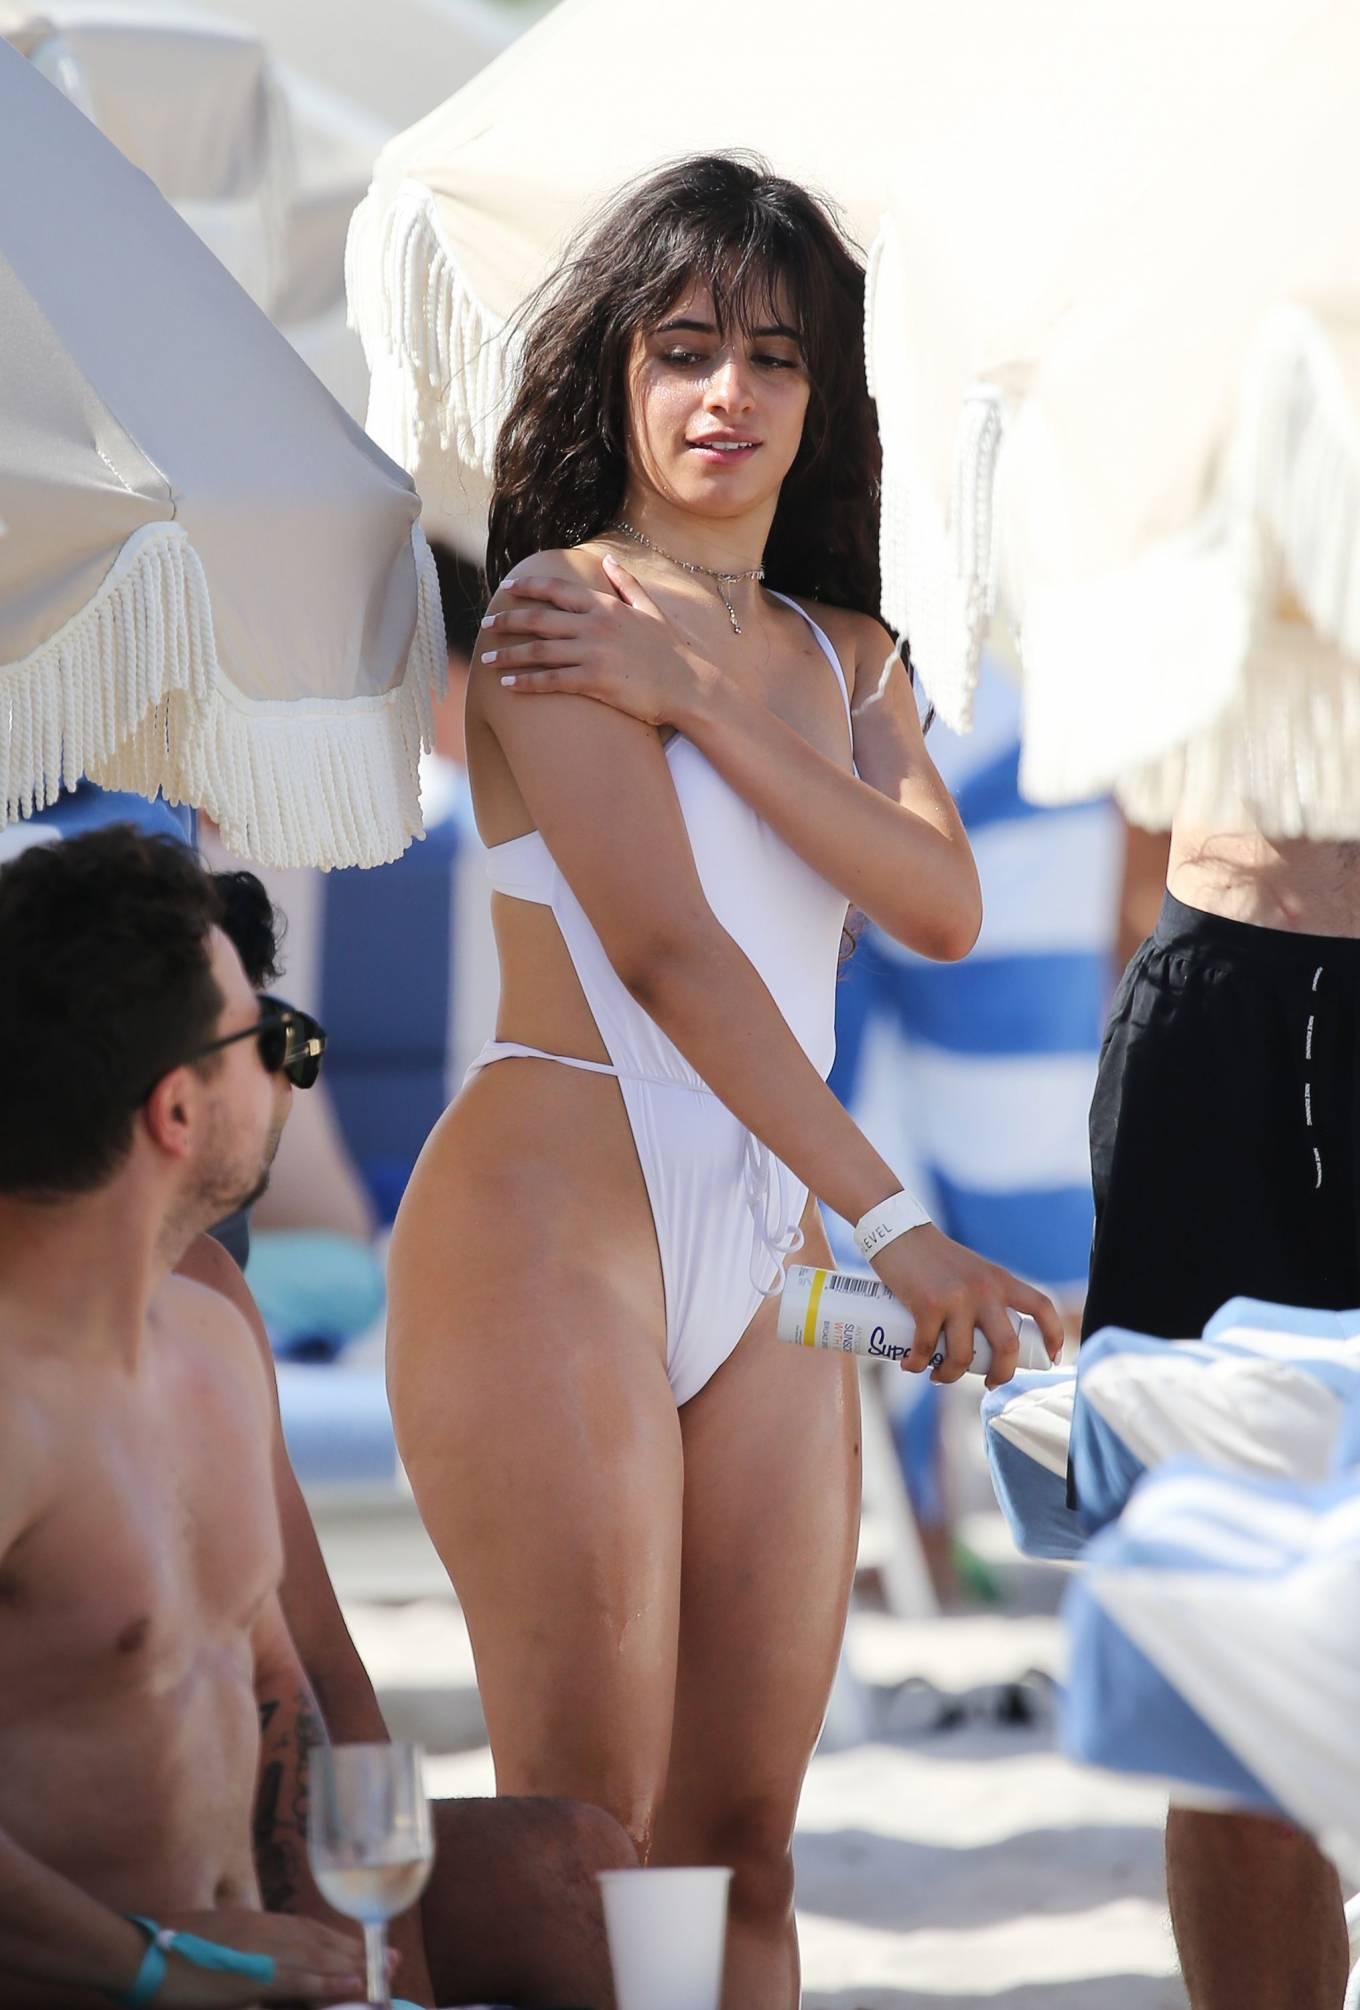 Camila Cabello 2020 : Camila Cabello – Wearing in white bikini hits the beach in Miami-08